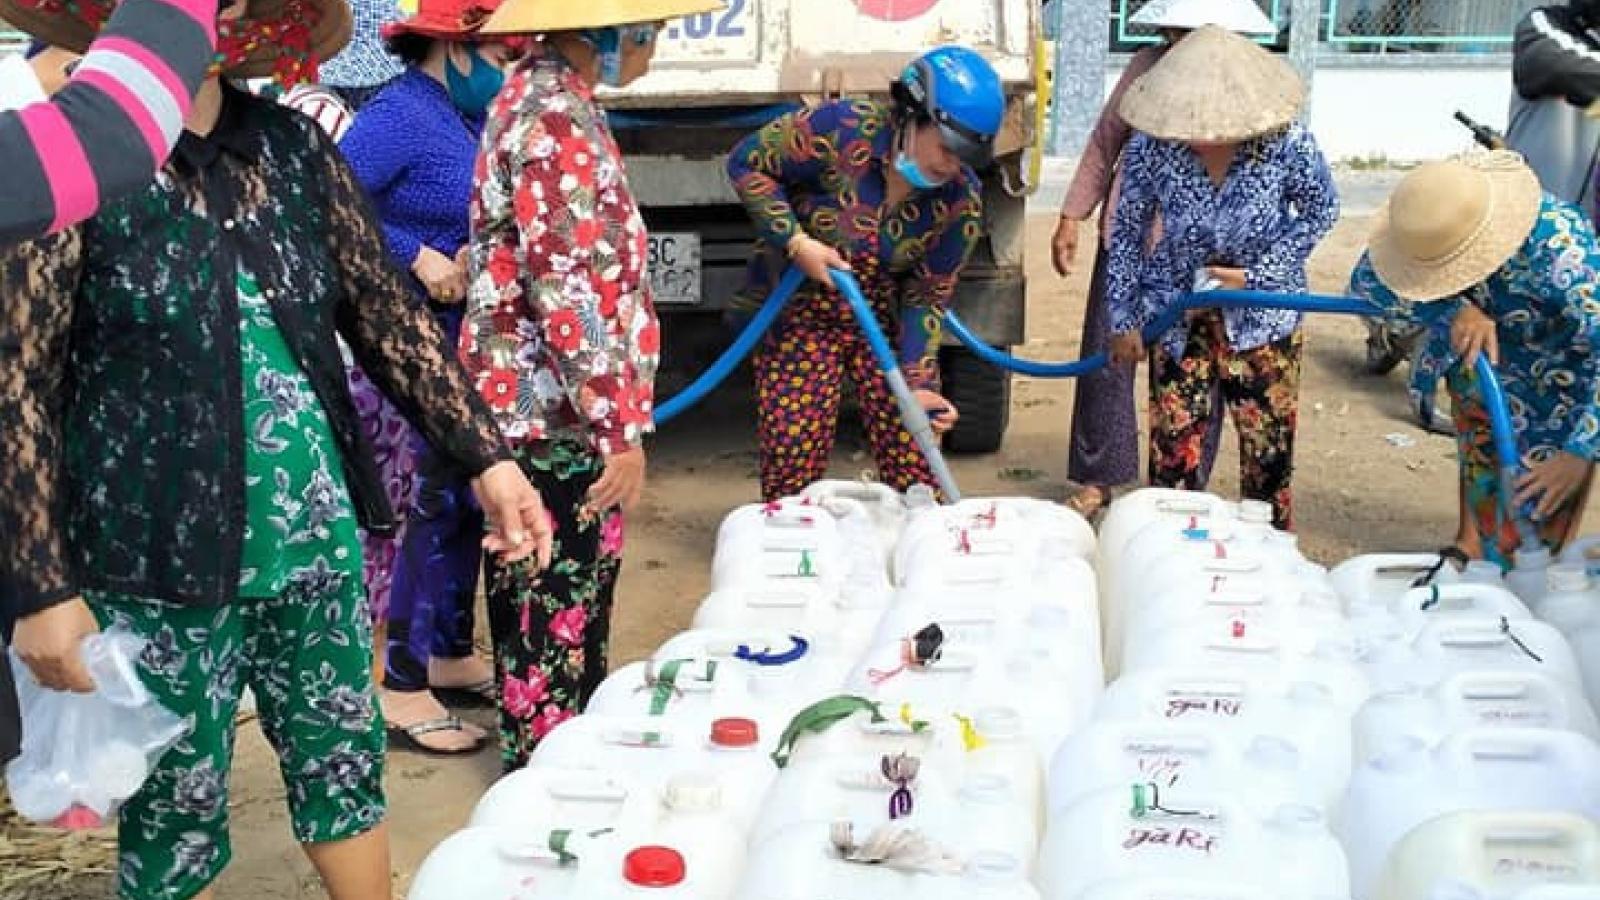 Tiền Giang: Lần đầu vùng đất cù lao không thiếu nước sinh hoạt mùa khô